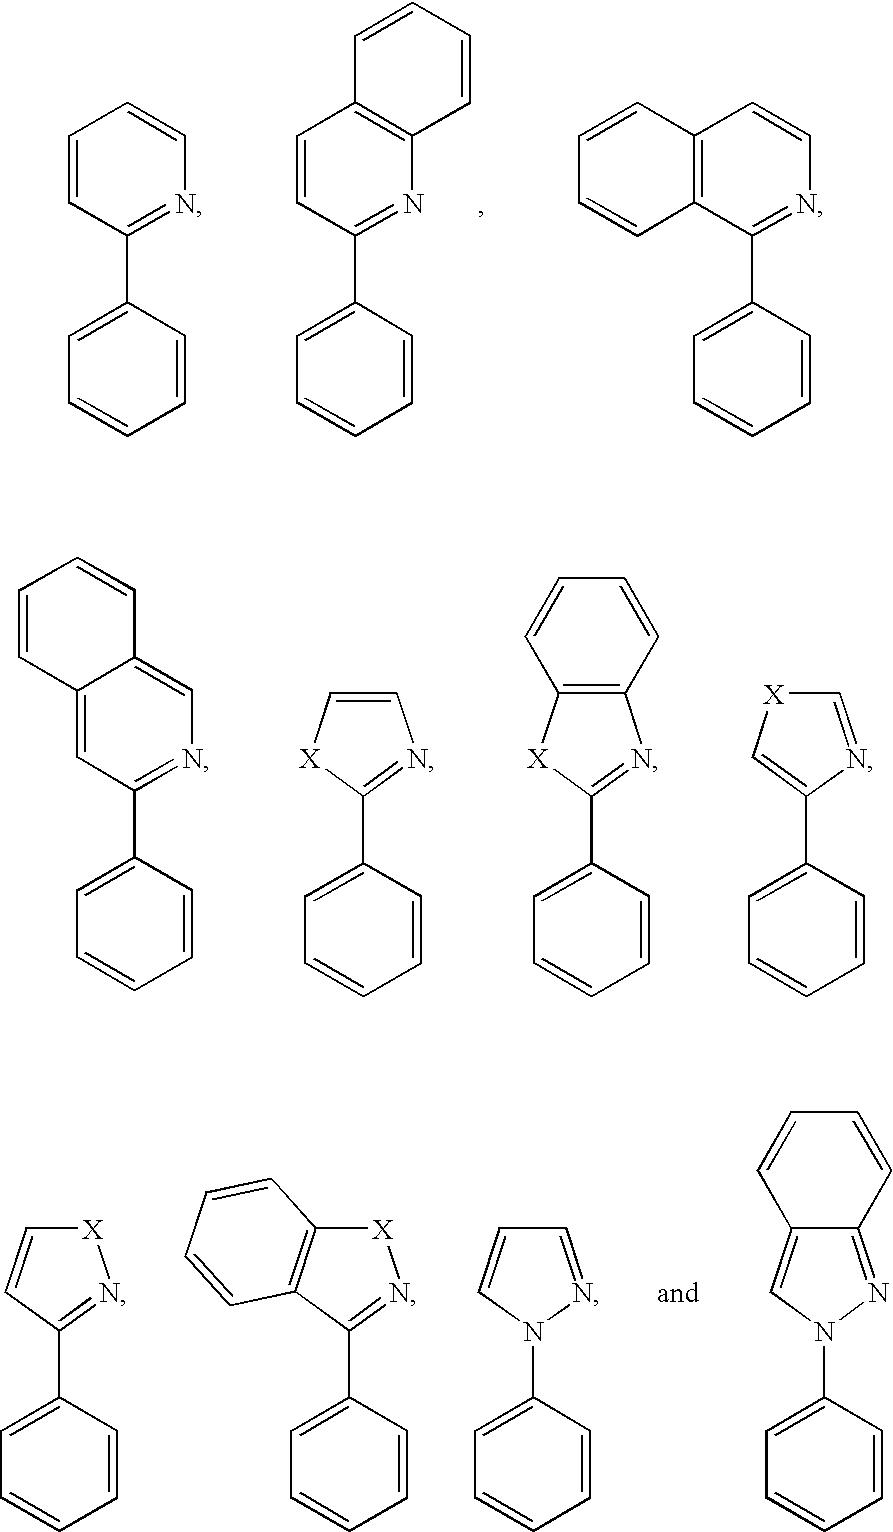 Figure US20100090591A1-20100415-C00191